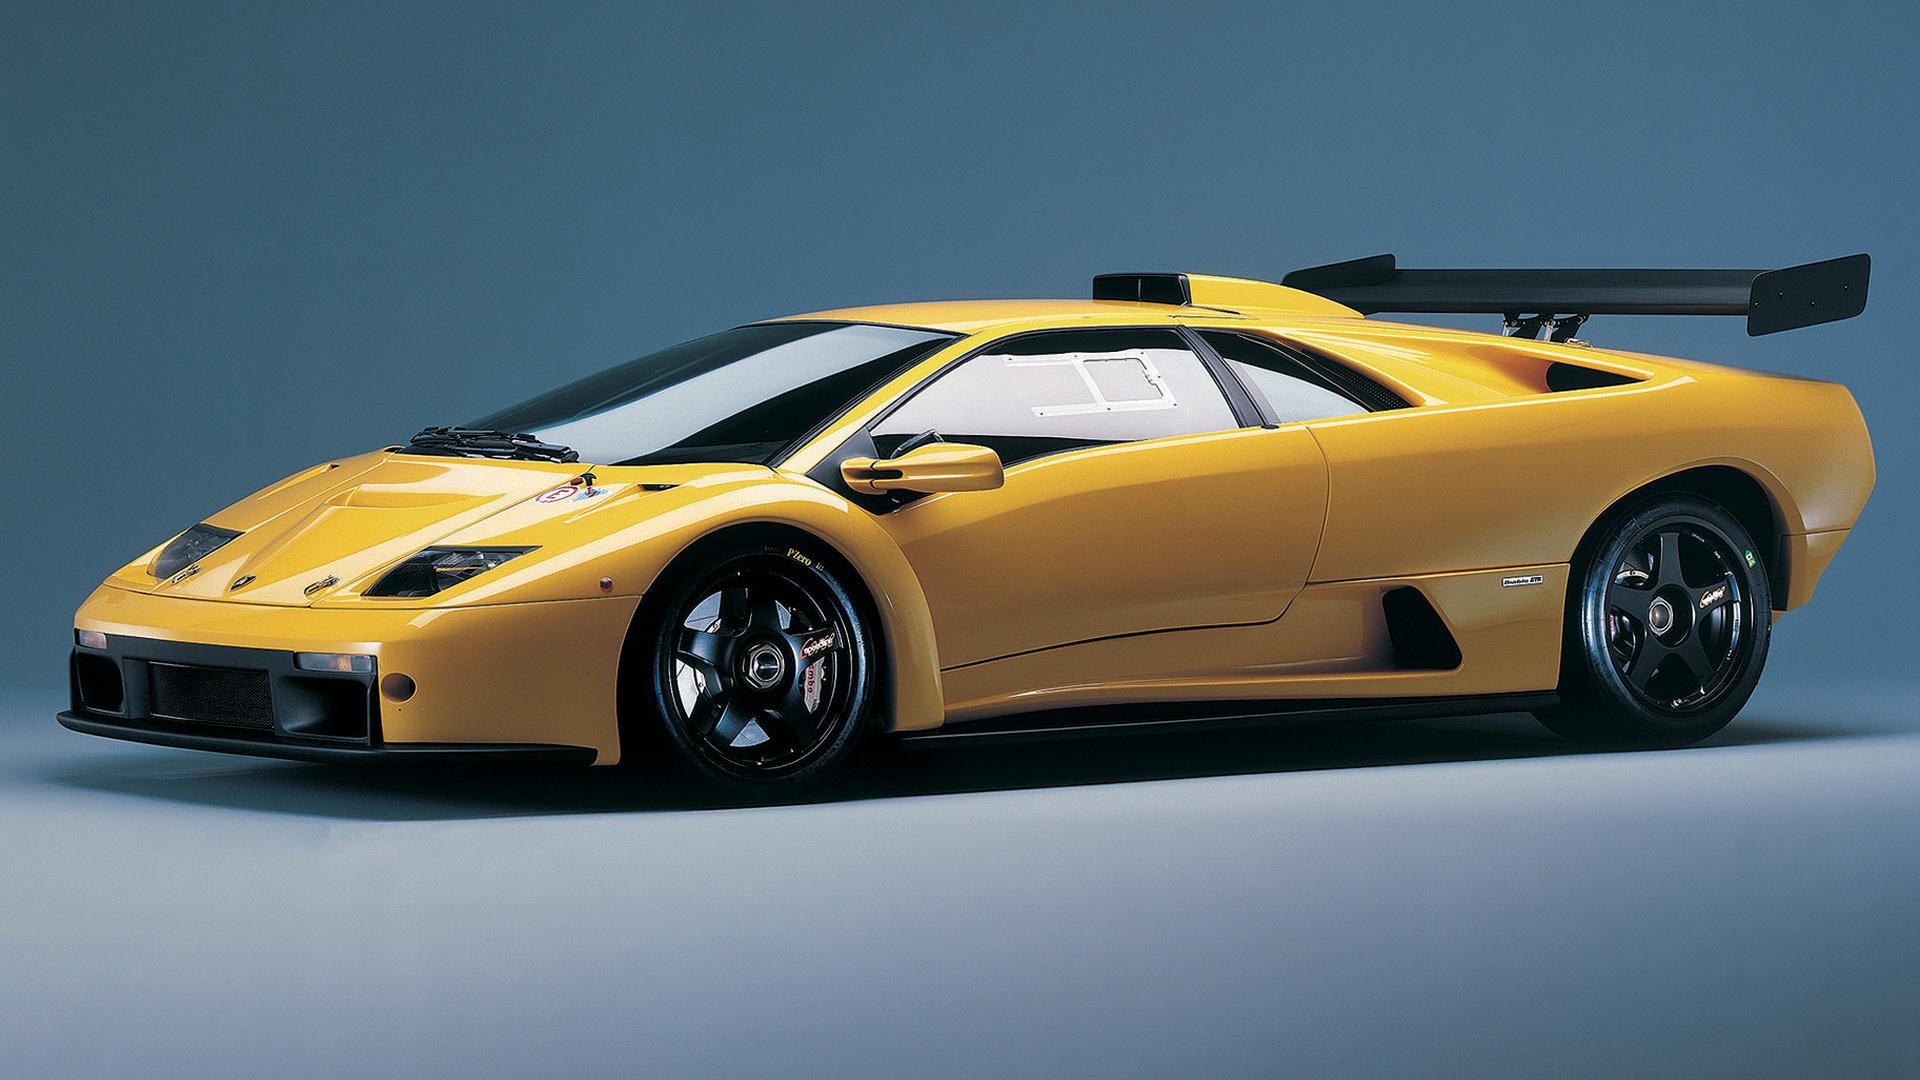 Lamborghini Diablo Gtr 2000 Wallpapers And Hd Images Car Pixel